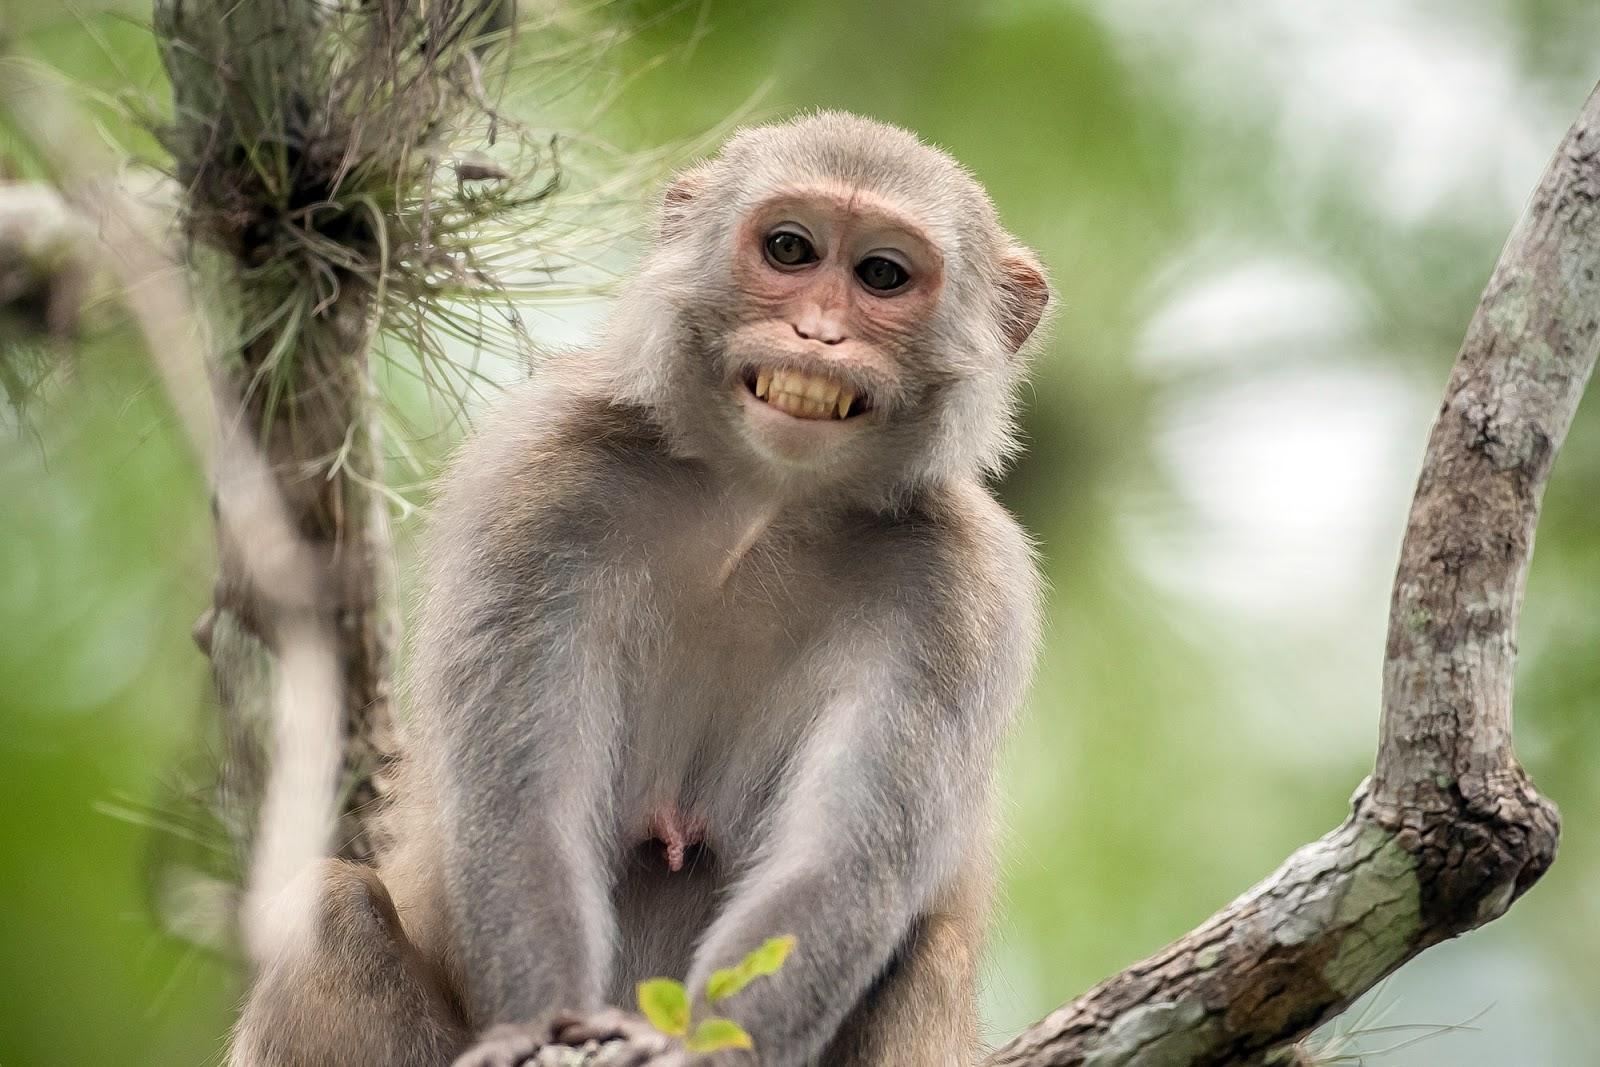 Kera adalah sejenis primata mirip orangutan namun lebih kecil ukurannya